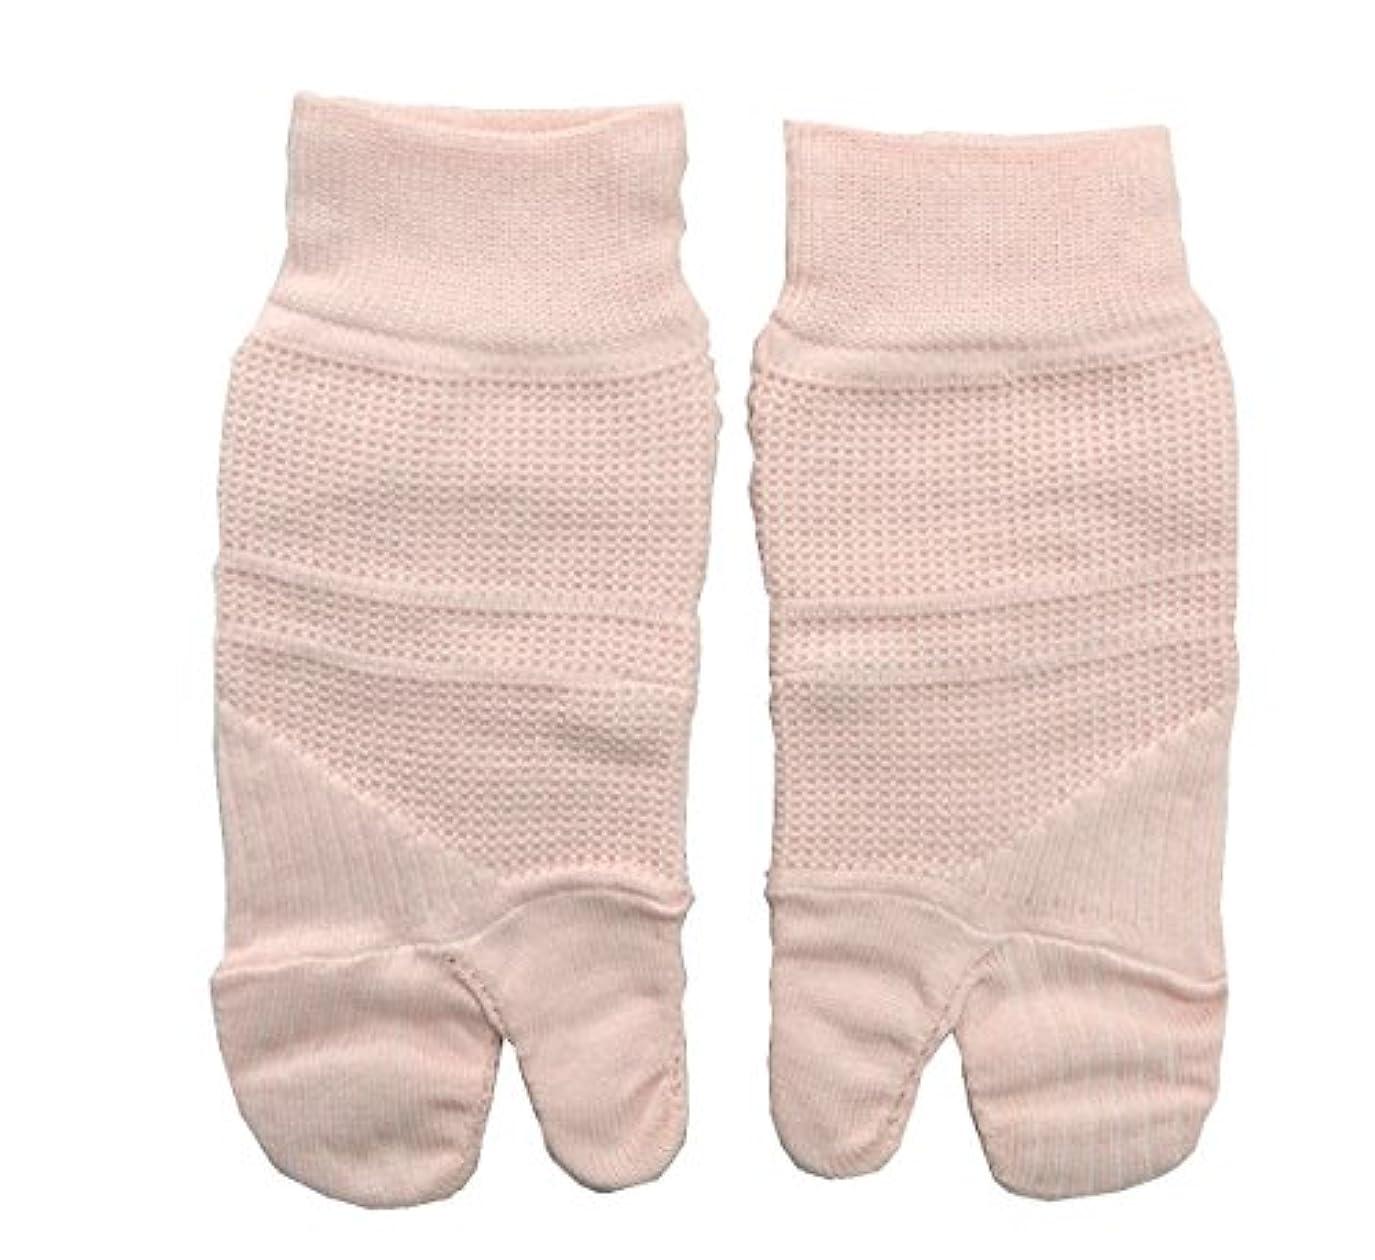 外反母趾対策靴下(通常タイプ) コーポレーションパールスター?広島大学大学院特許製品